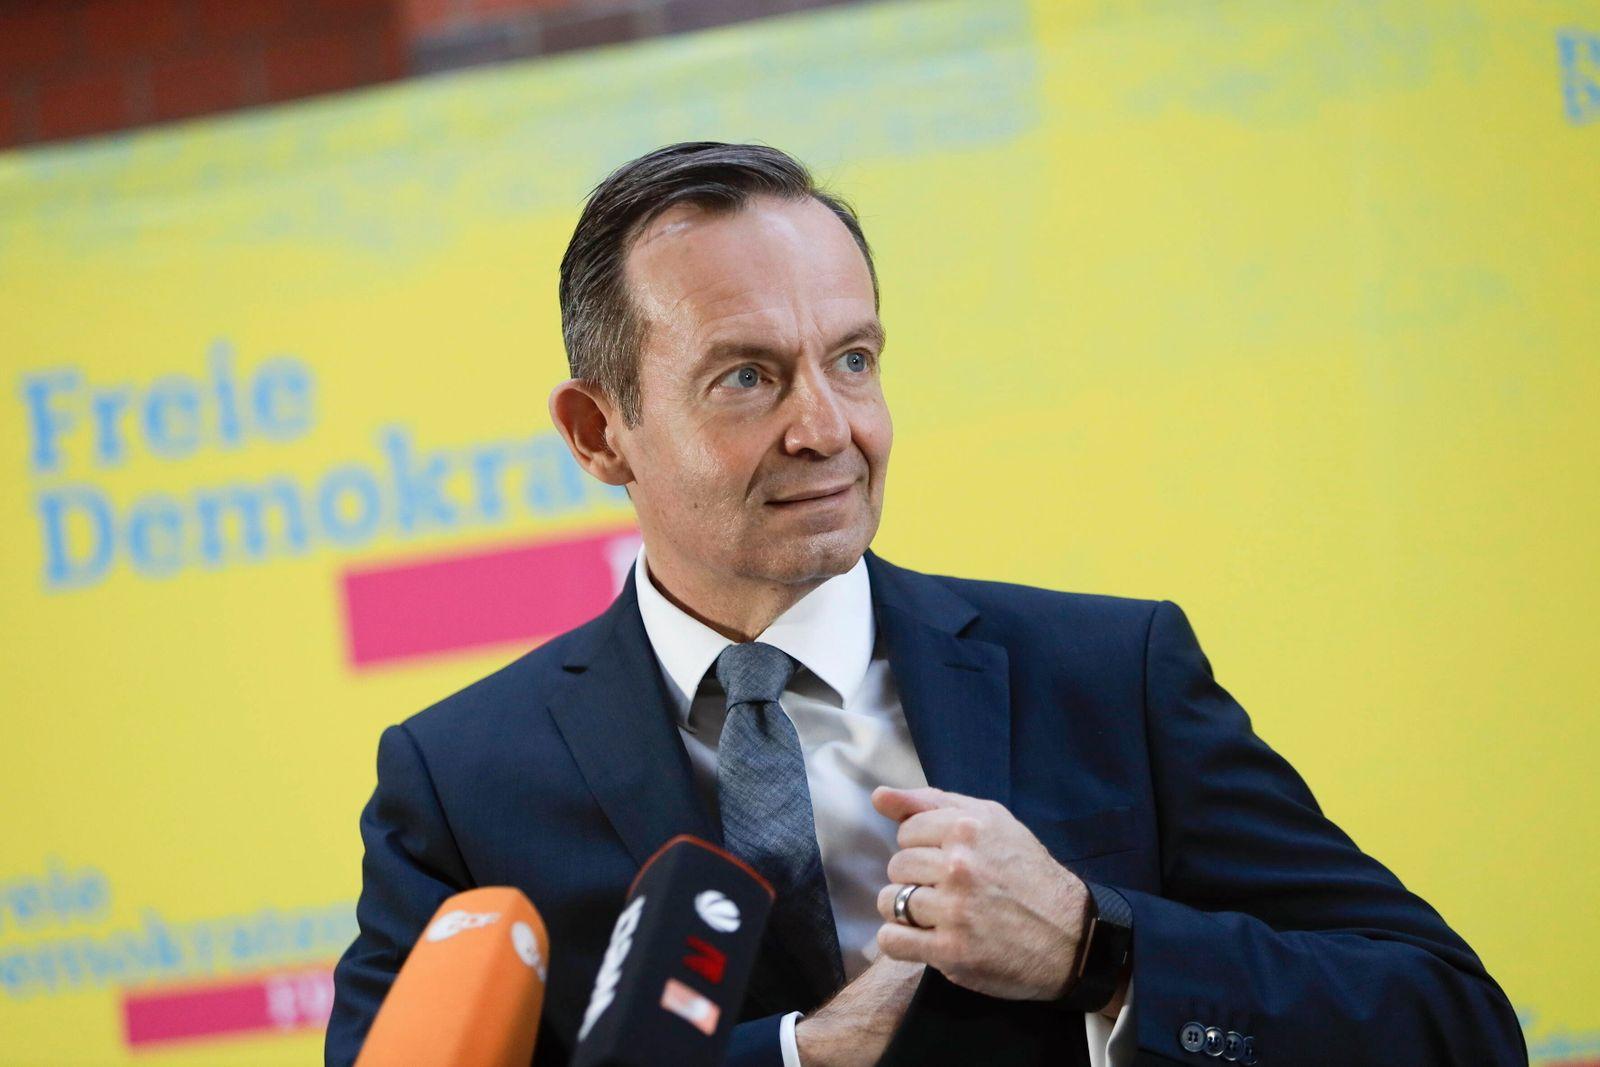 02.11.2020, Berlin, Deutschland - Foto: Volker Wissing, FDP-Generalsekretaer, bei einem Pressestatement vor Medienvertr